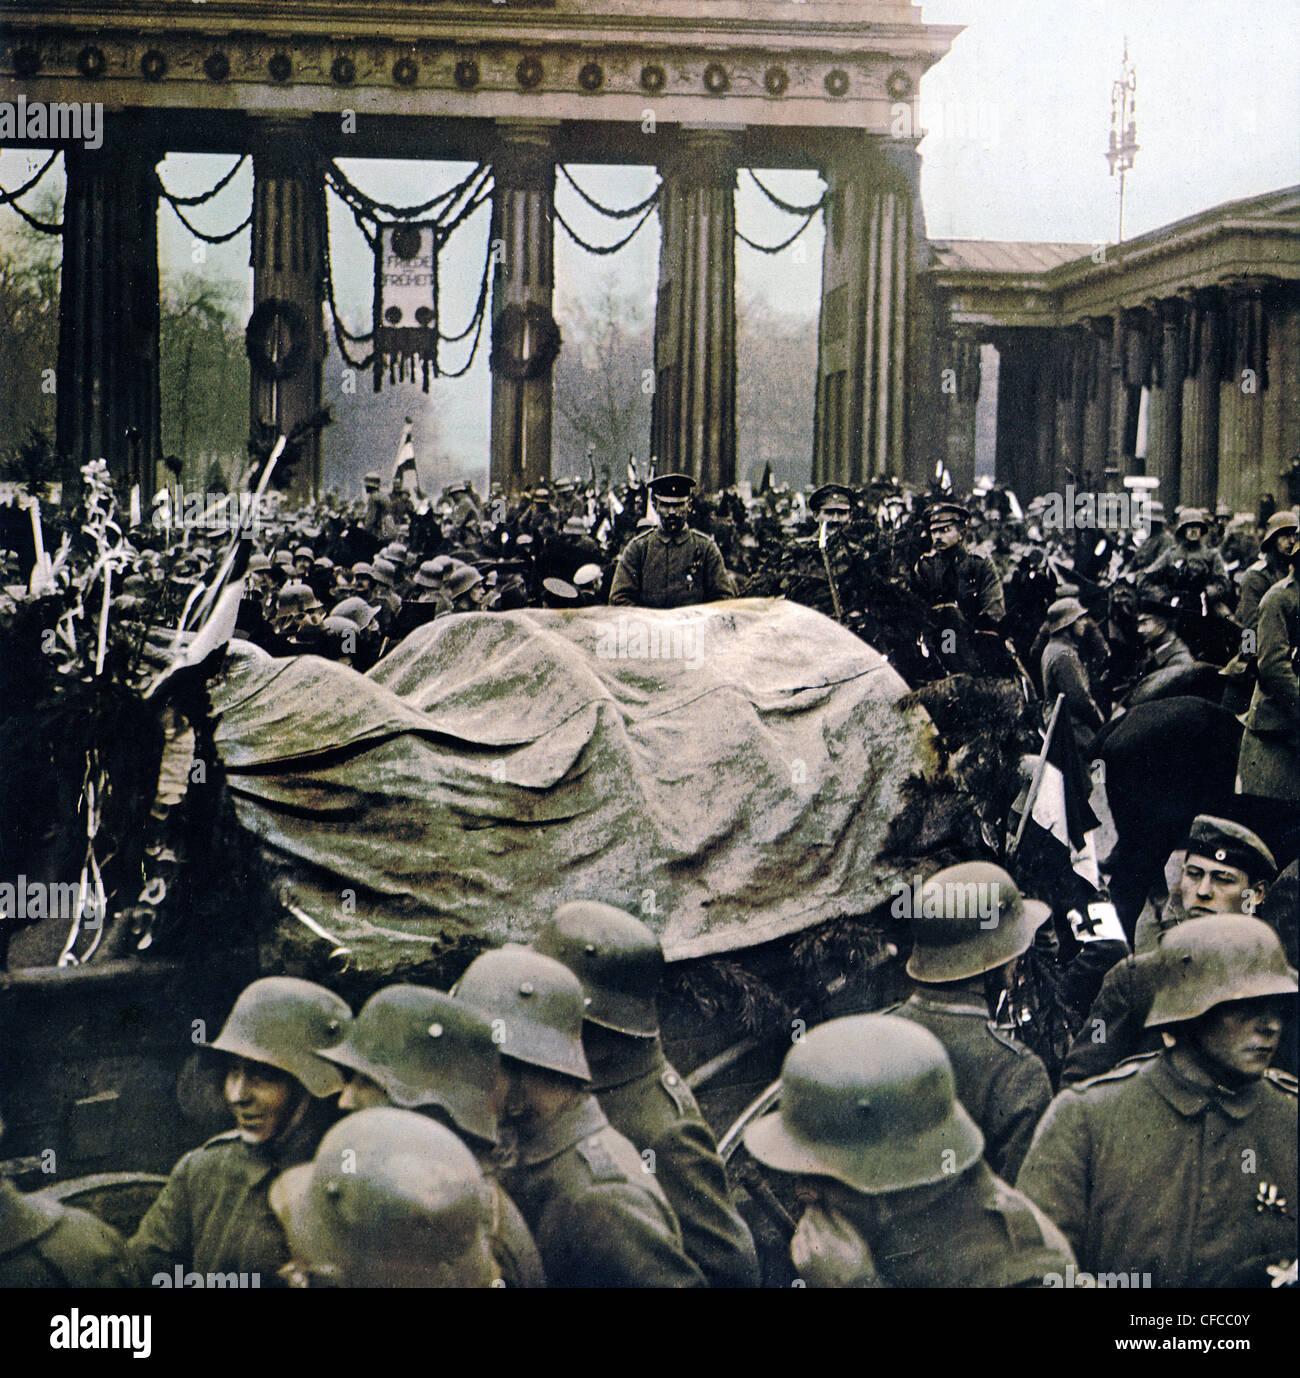 bewaffnet, Truppen, front, Hauptmann Pabst, marschieren, Brandenburger Tor, Berlin, entwaffnen, Revolution, Weltkrieg, Stockbild